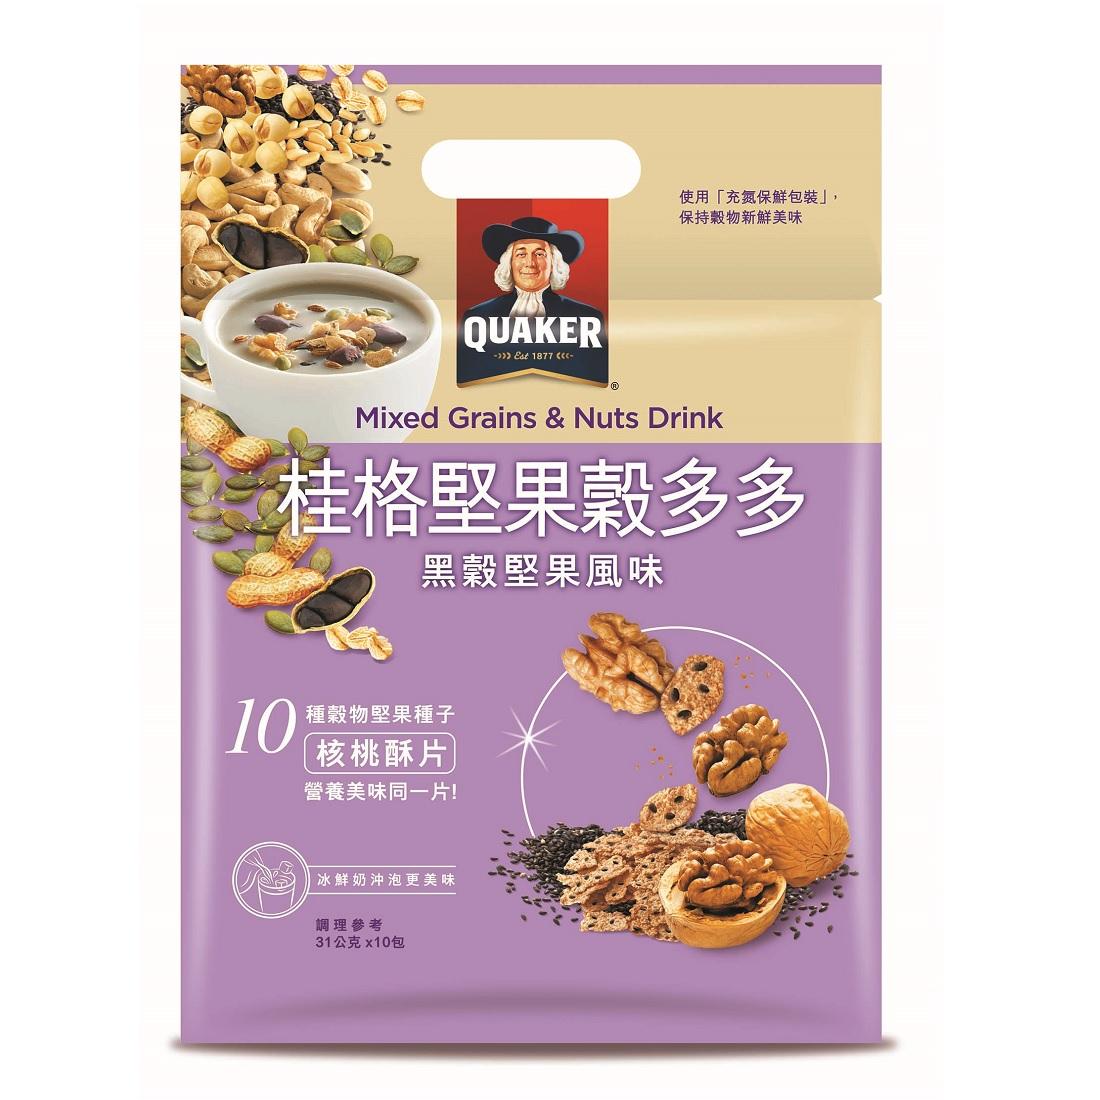 桂格堅果穀多多-黑穀堅果風味 【康是美】